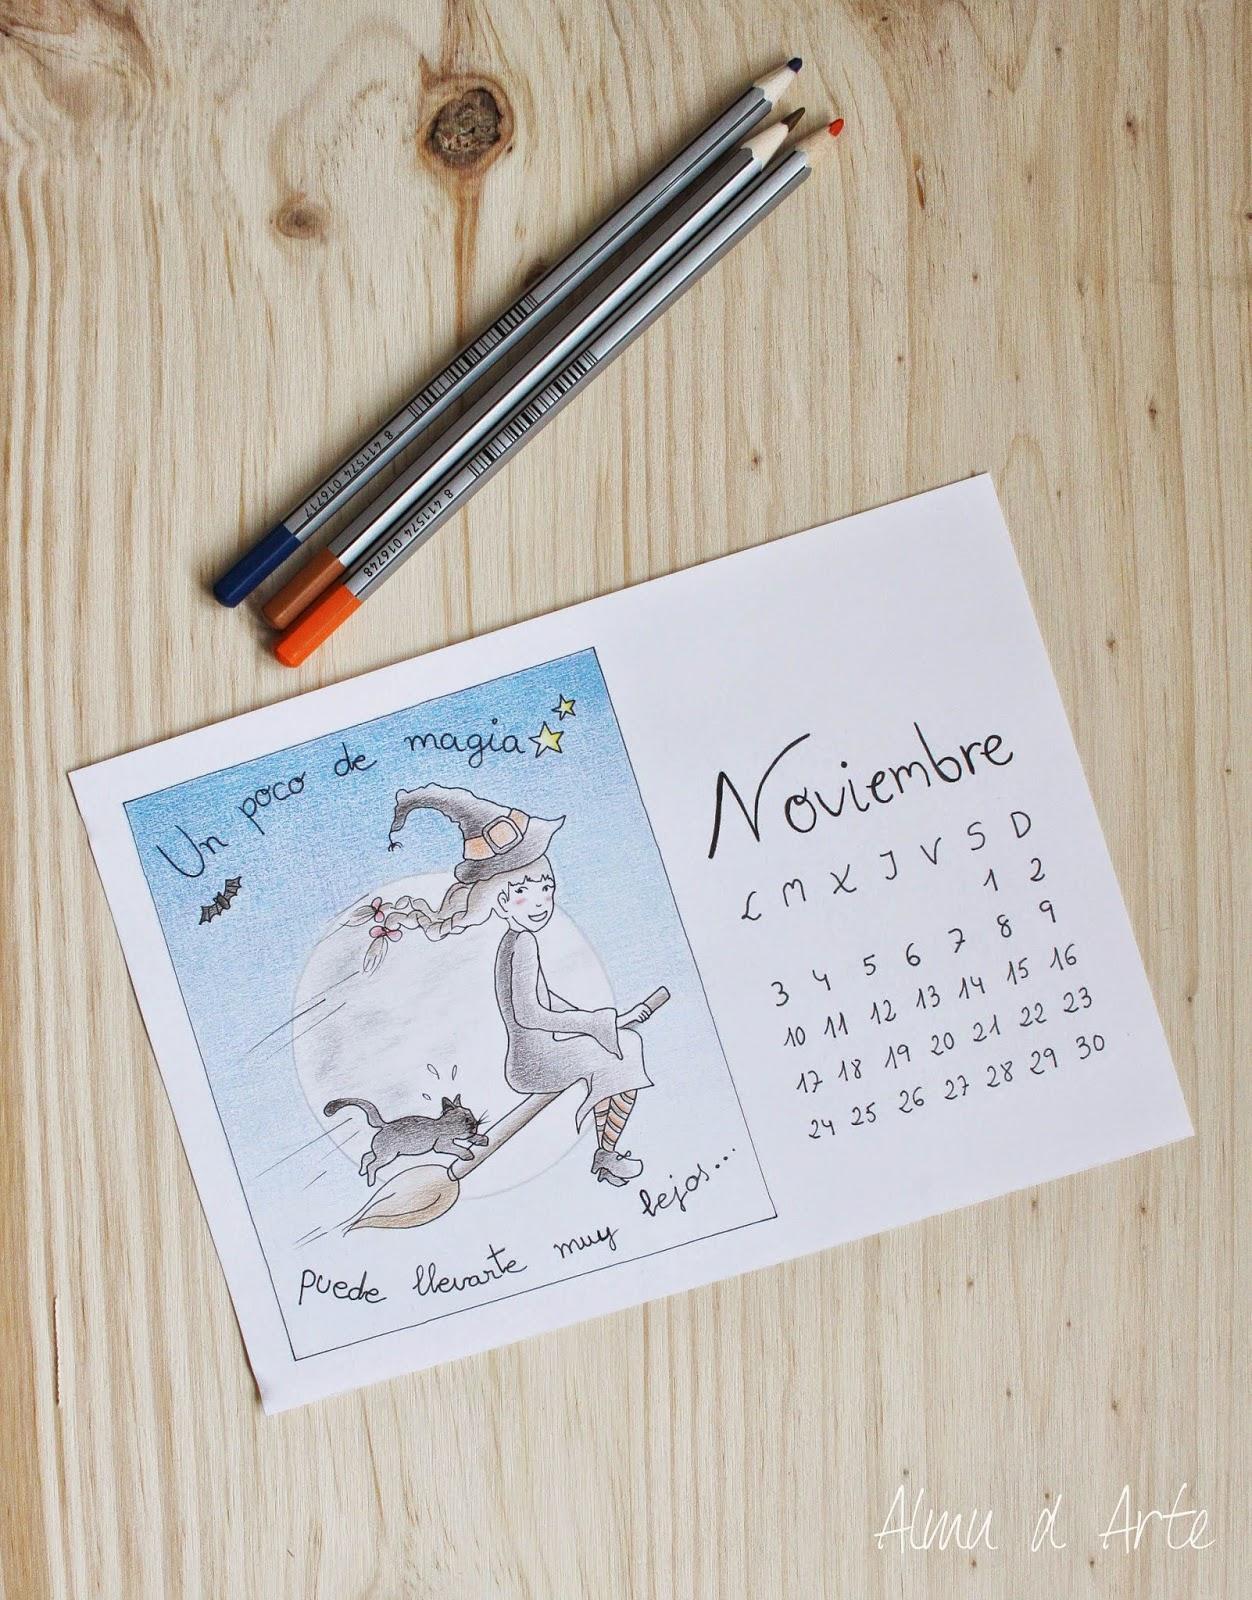 Calendario de noviembre 2014 pintado a mano para descargar